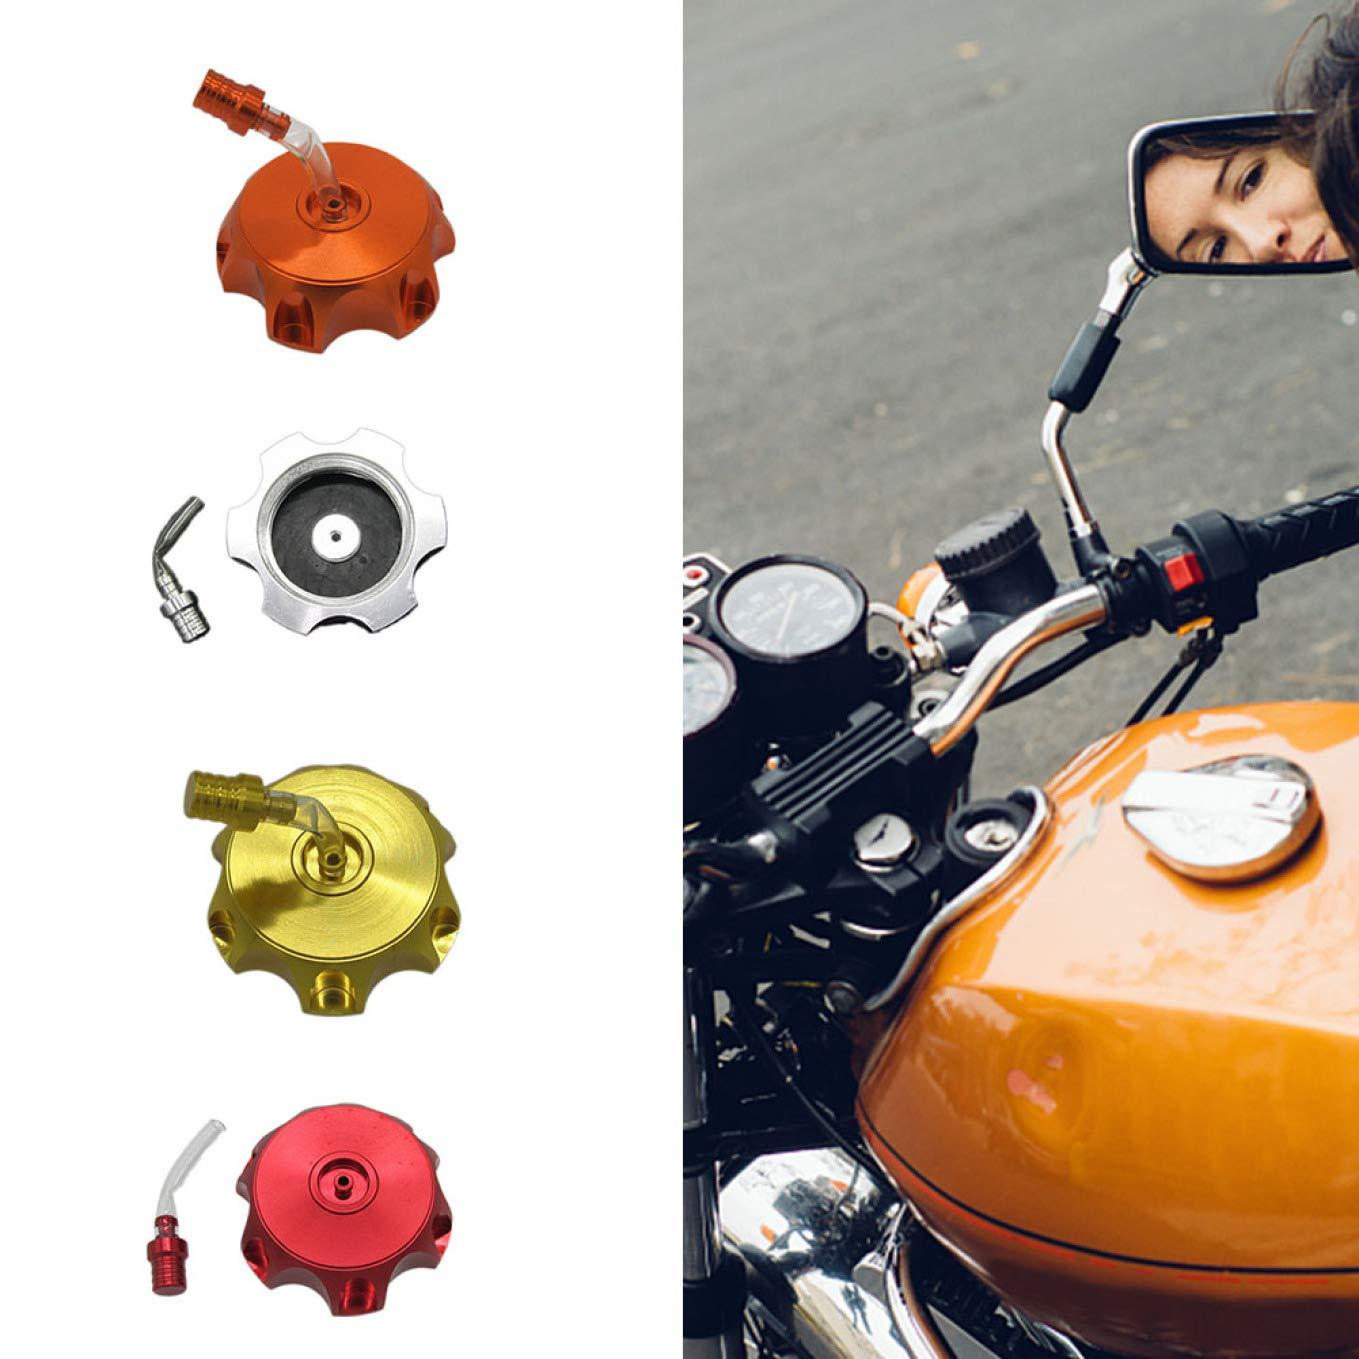 yuehuxin Bouchon de r/éservoir de Carburant en Aluminium pour Moto Pit Dirt Pit Bike Motocross Ttr125 Ttr125cc pour d/écoration de la Maison